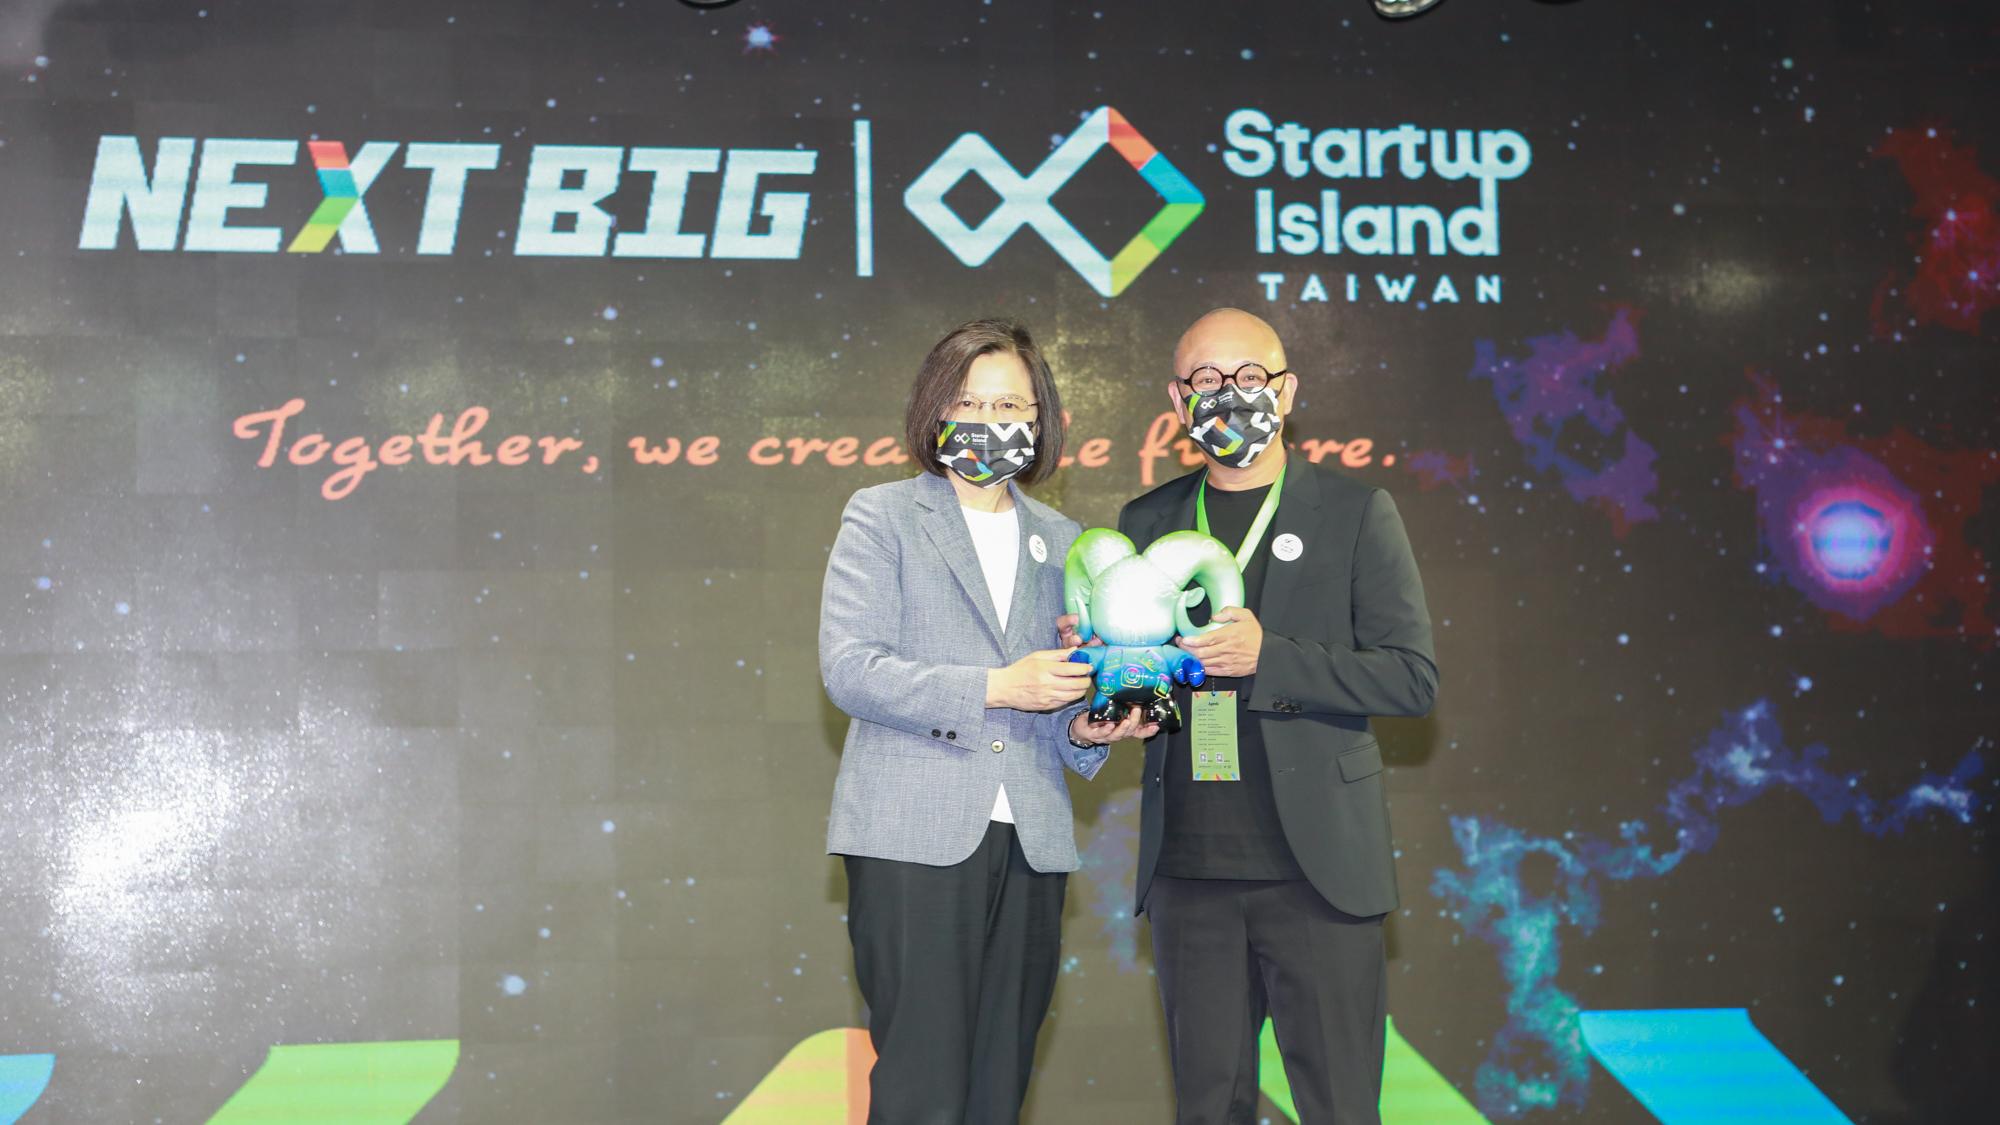 Gogoro 獲頒「NEXT BIG 國家新創品牌」殊榮  成為台灣創業典範